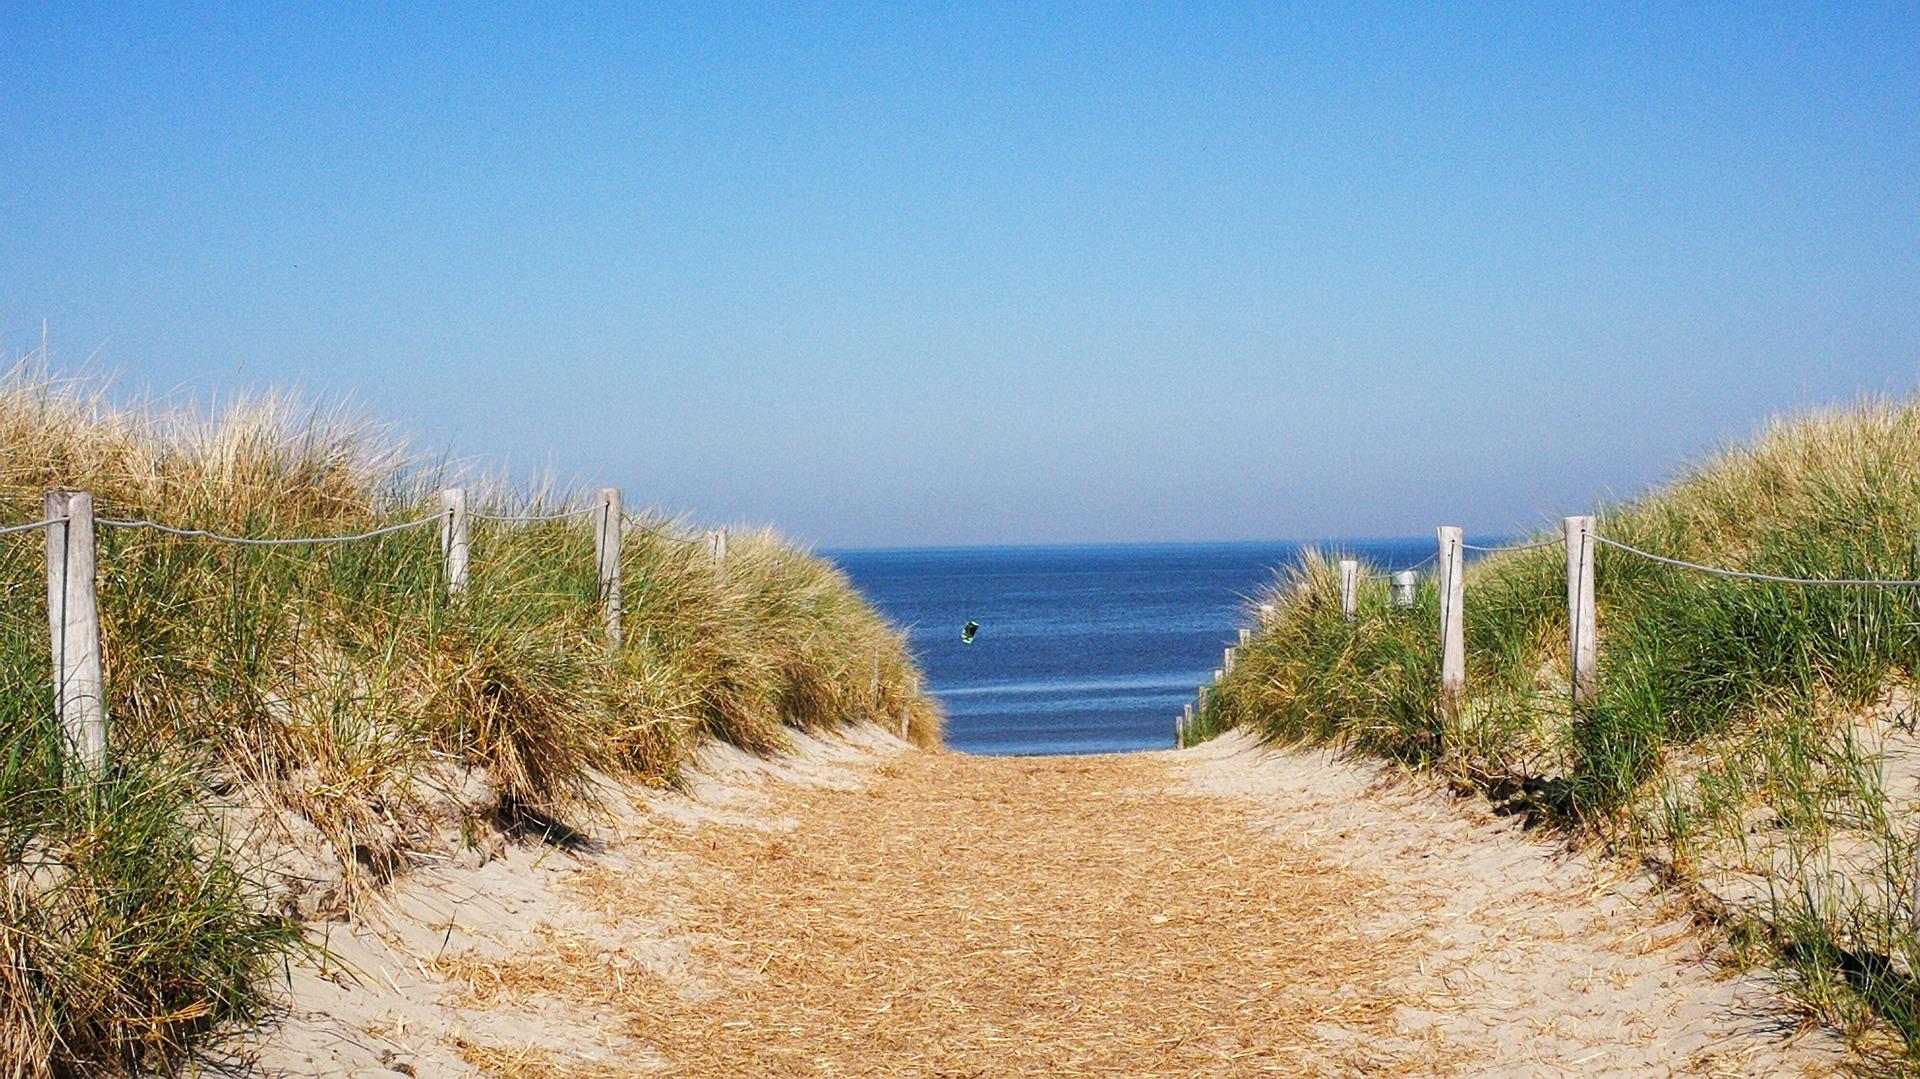 beach-access-3405274_1920